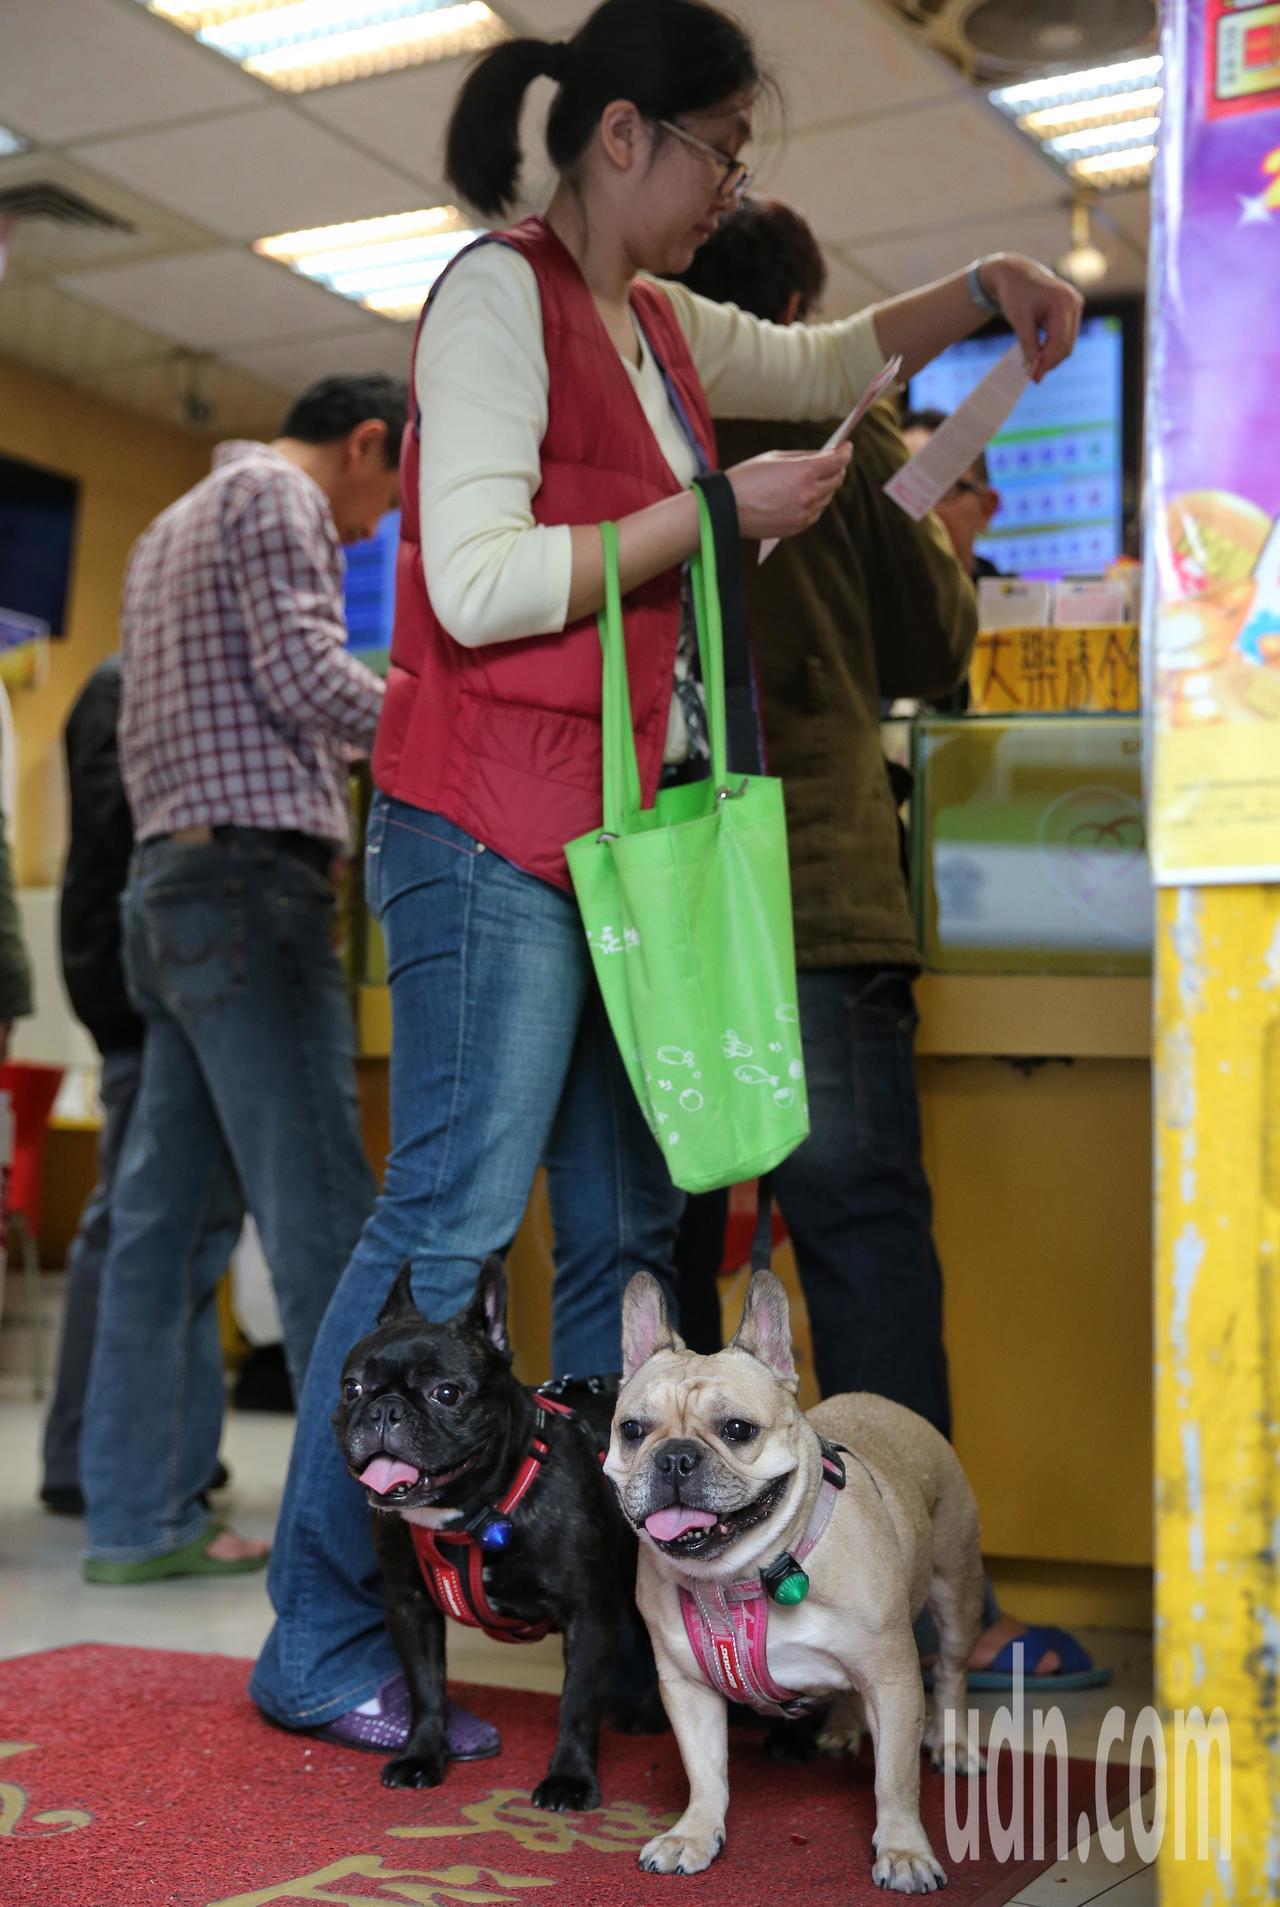 將要迎接狗年,有民眾攜帶愛犬來買彩券衝喜氣。記者鄭清元/攝影